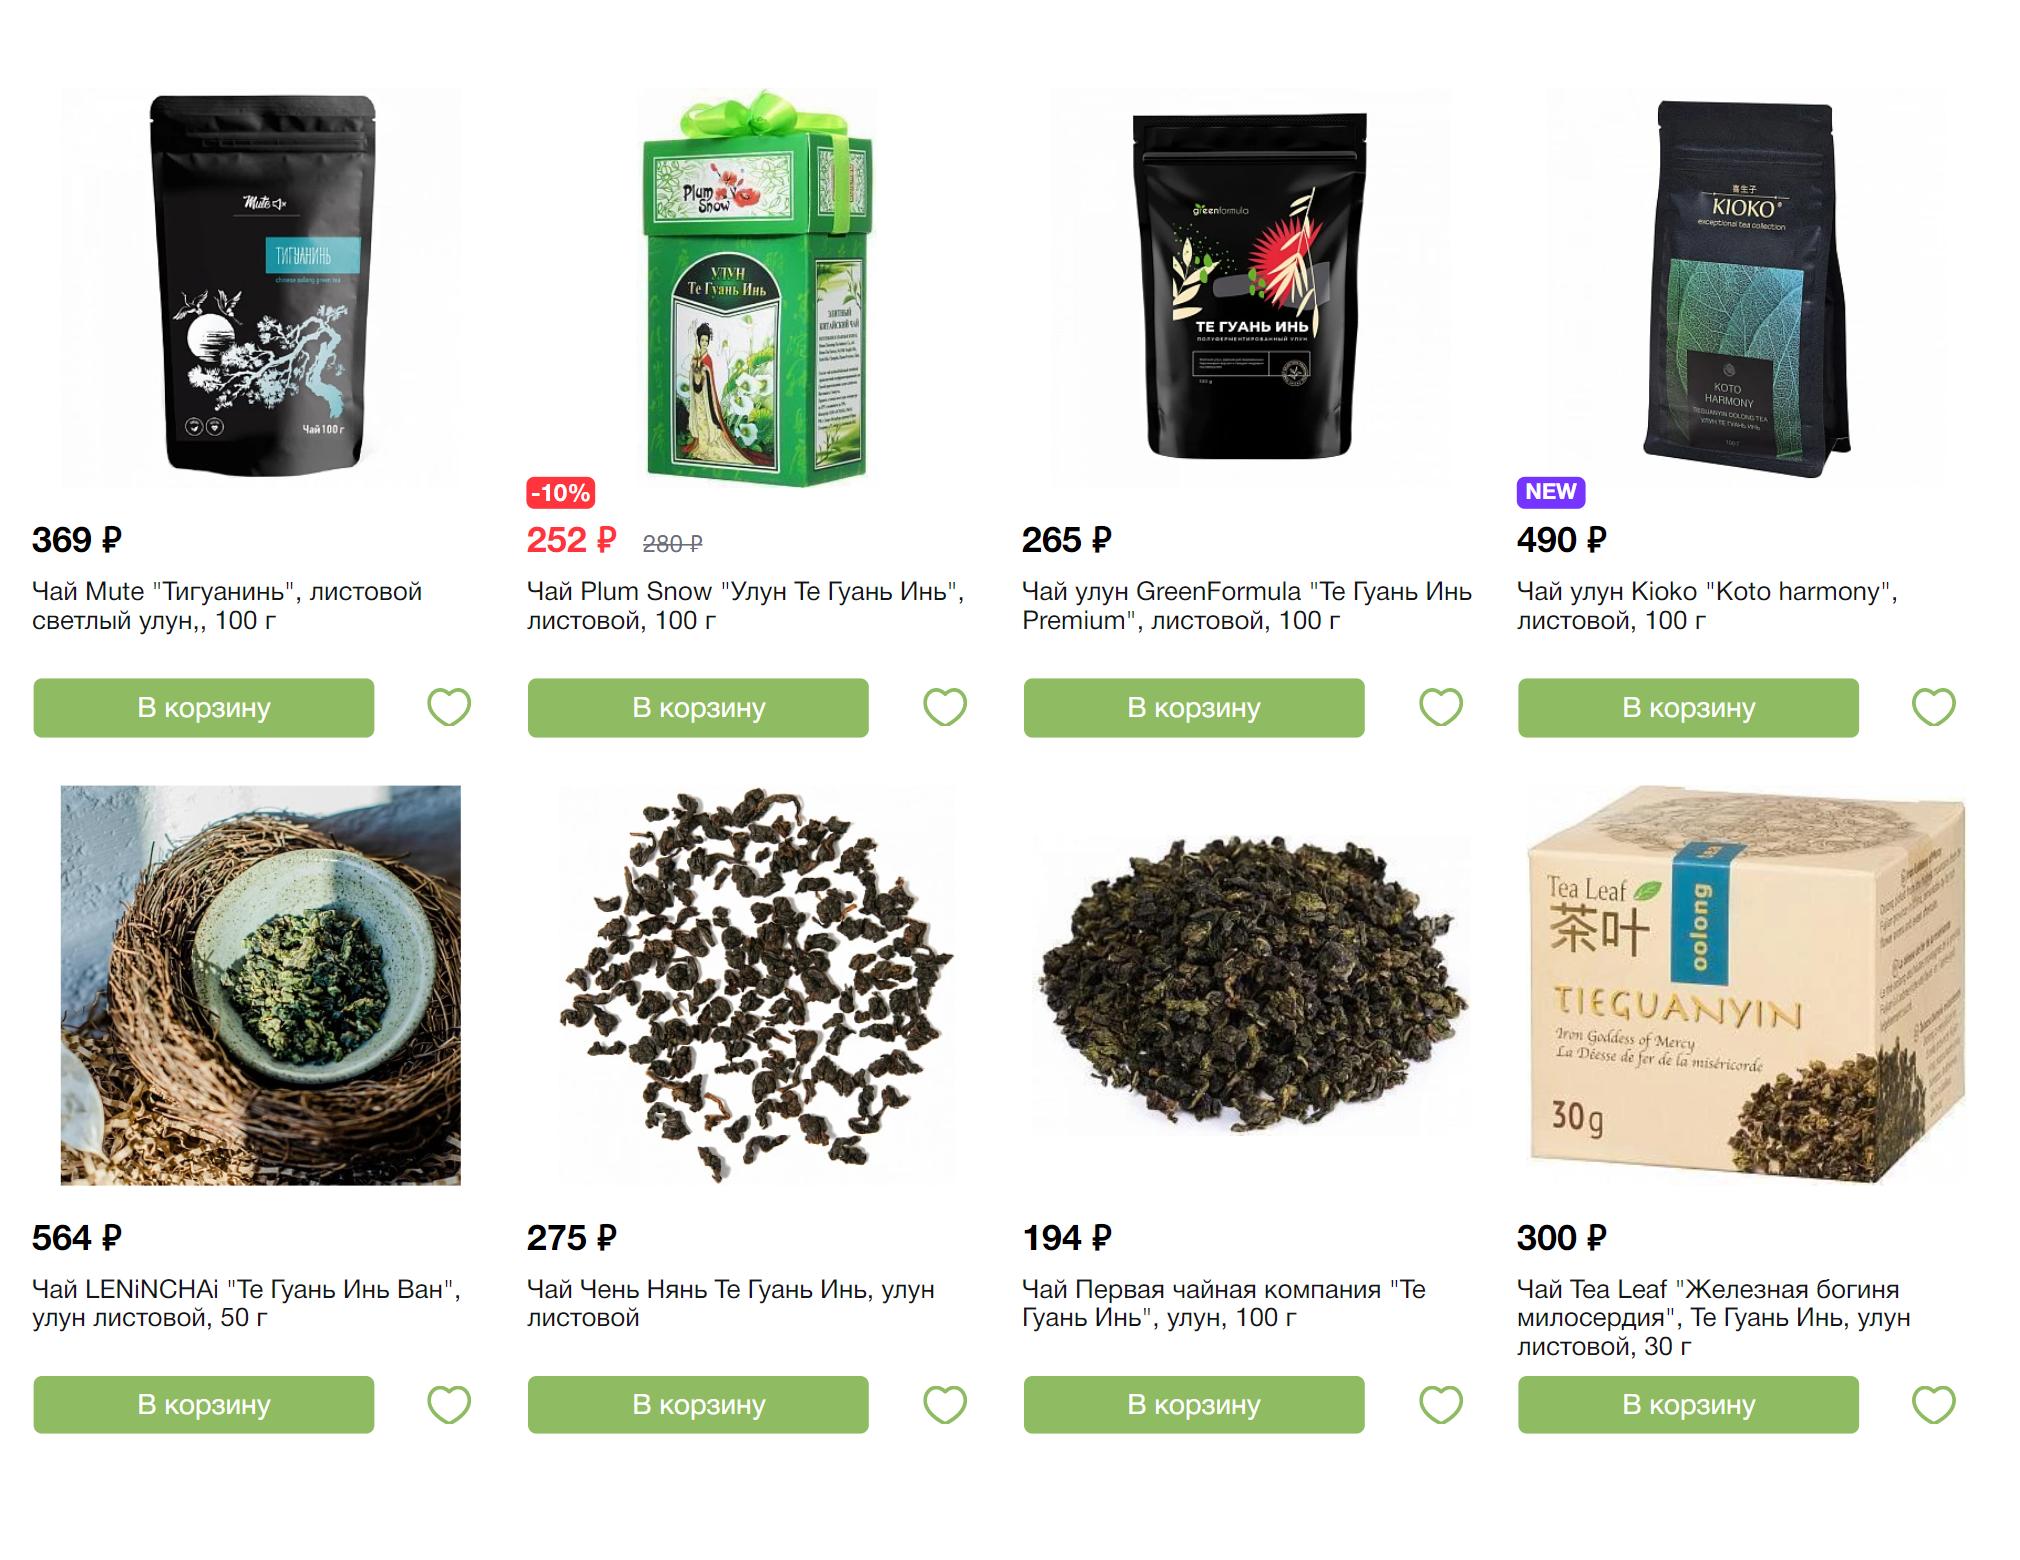 Тегуаньинь у всех на слуху и часто продается в магазинах массового сегмента. Но заранее не определить, где настоящий улун, а где просто какой-то испорченный китайский чай. Я сомневаюсь, что хороший Тегуаньинь может стоить 200<span class=ruble>Р</span> за 100&nbsp;г. Источник: tea.ru